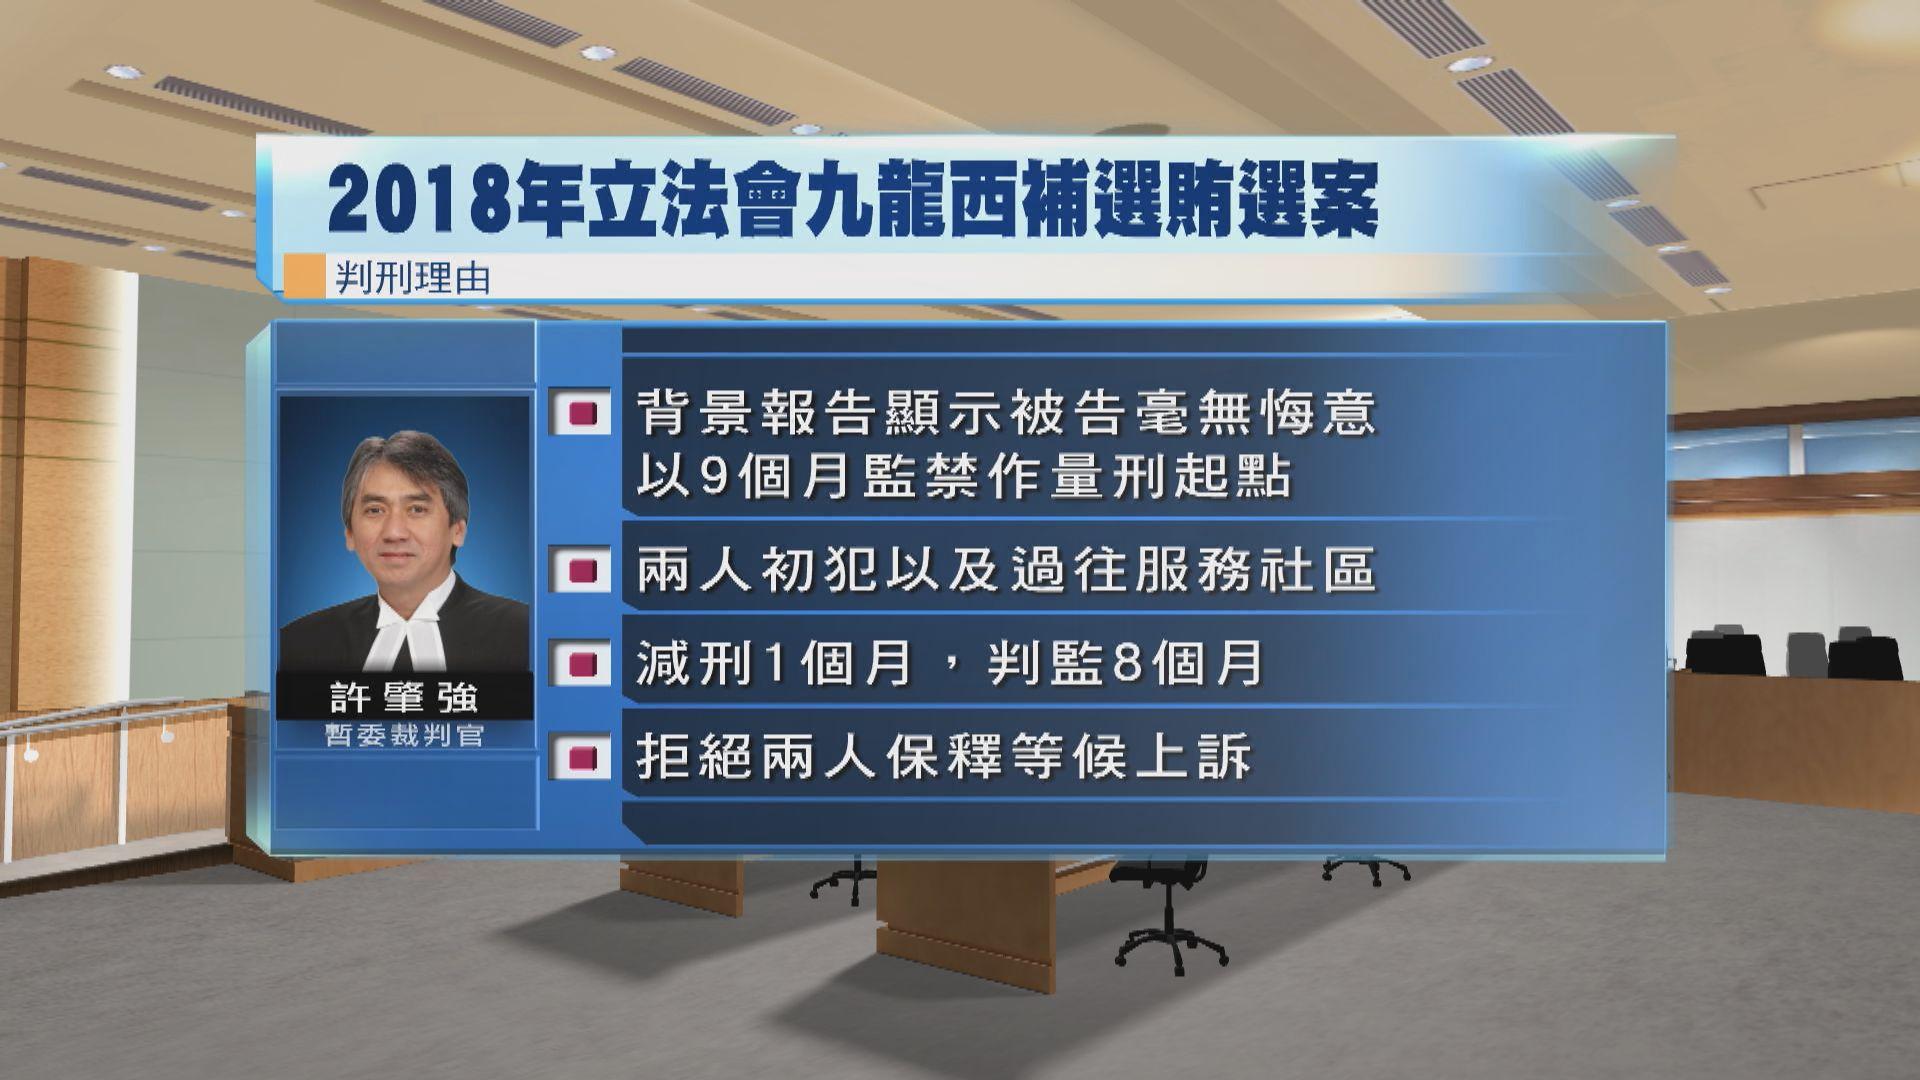 李慧琼前助理及另一人賄選判監八個月 官指打擊市民對選舉信心須判阻嚇刑罰